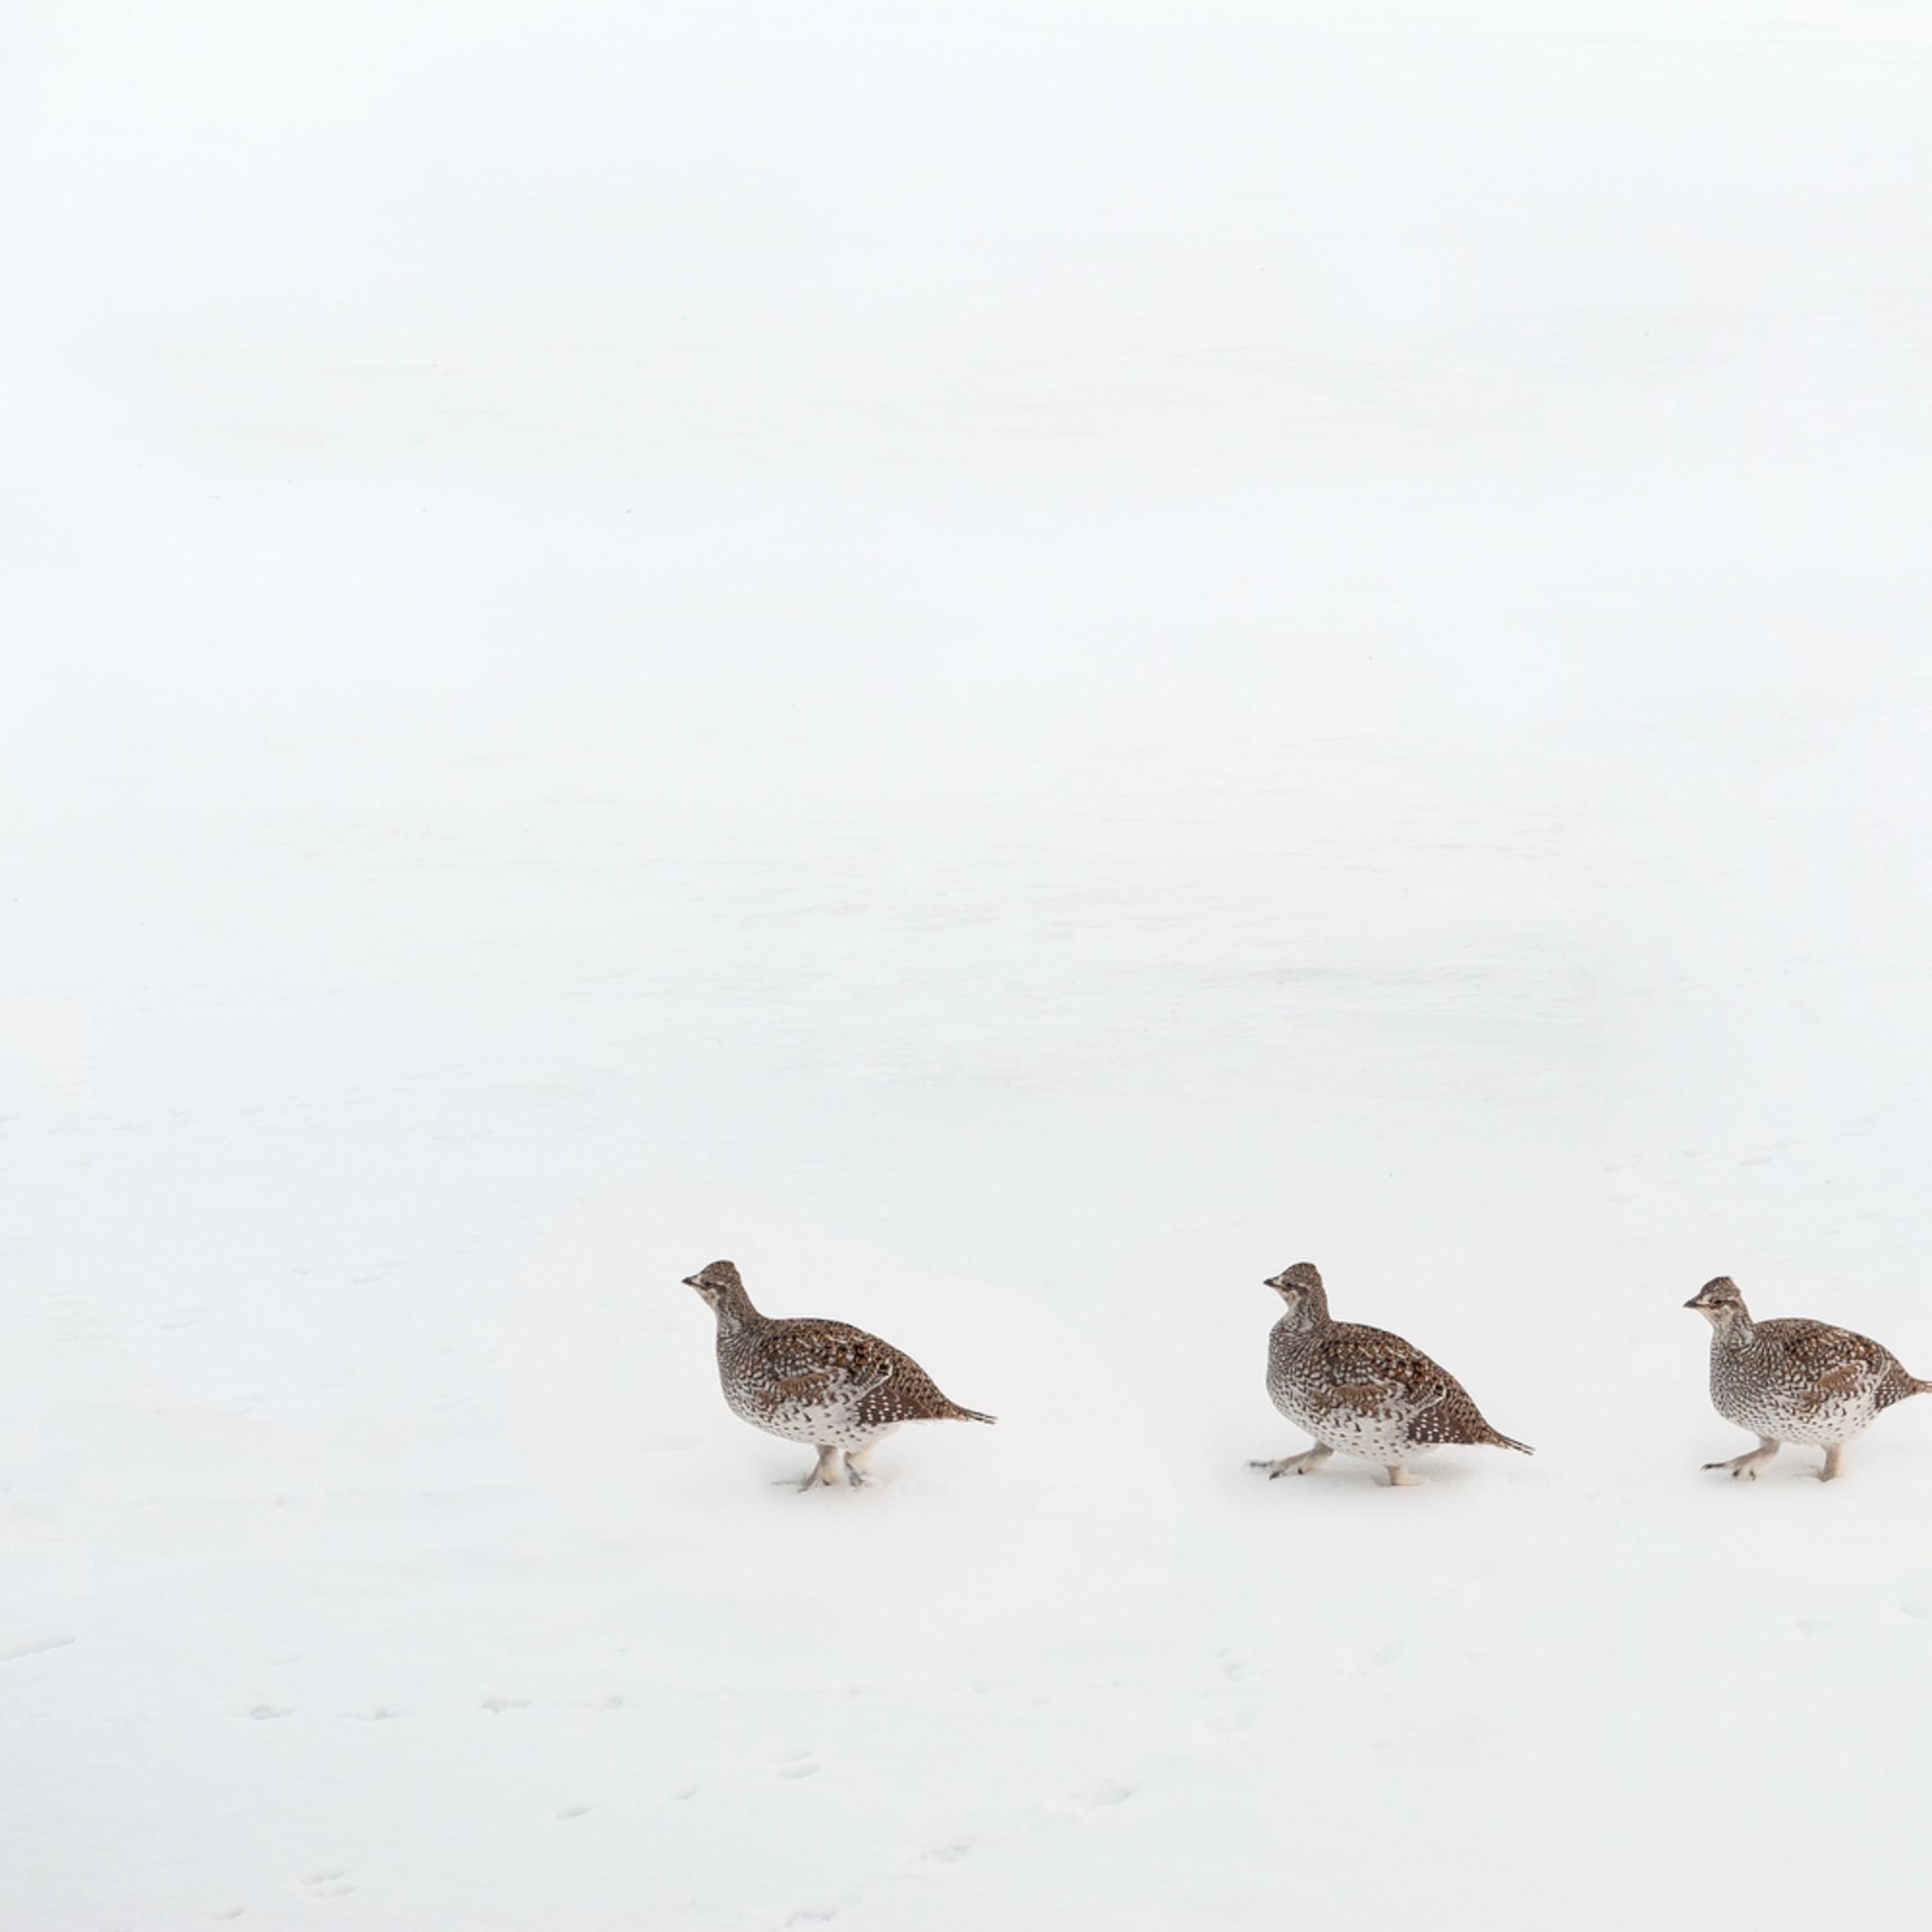 Pecking order h18y4o